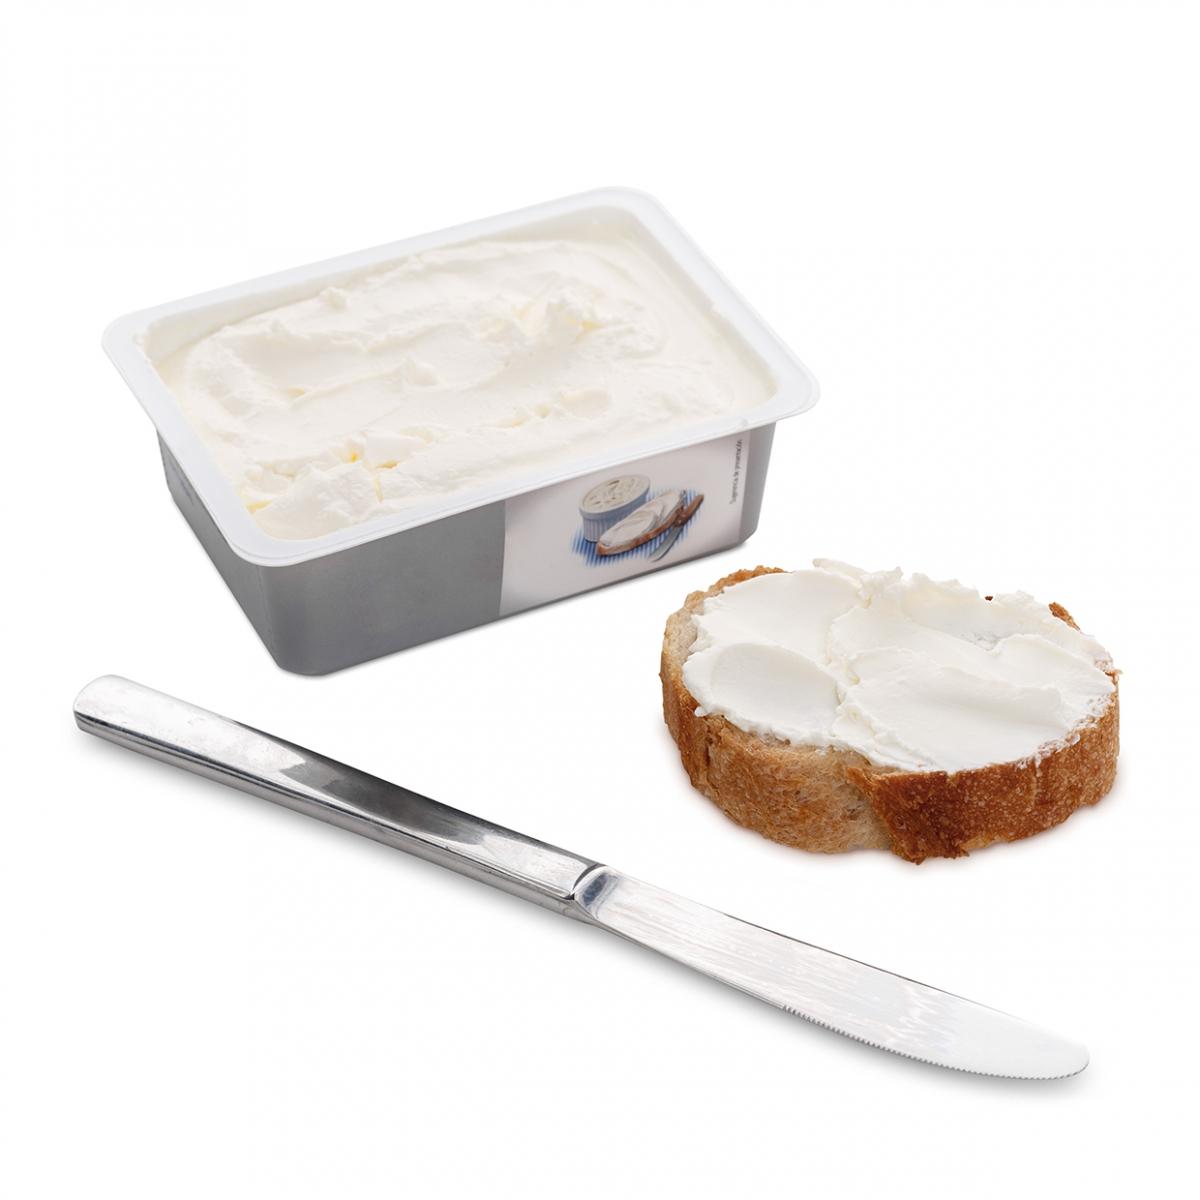 Imagen en la que se ve una tostada untada con queso